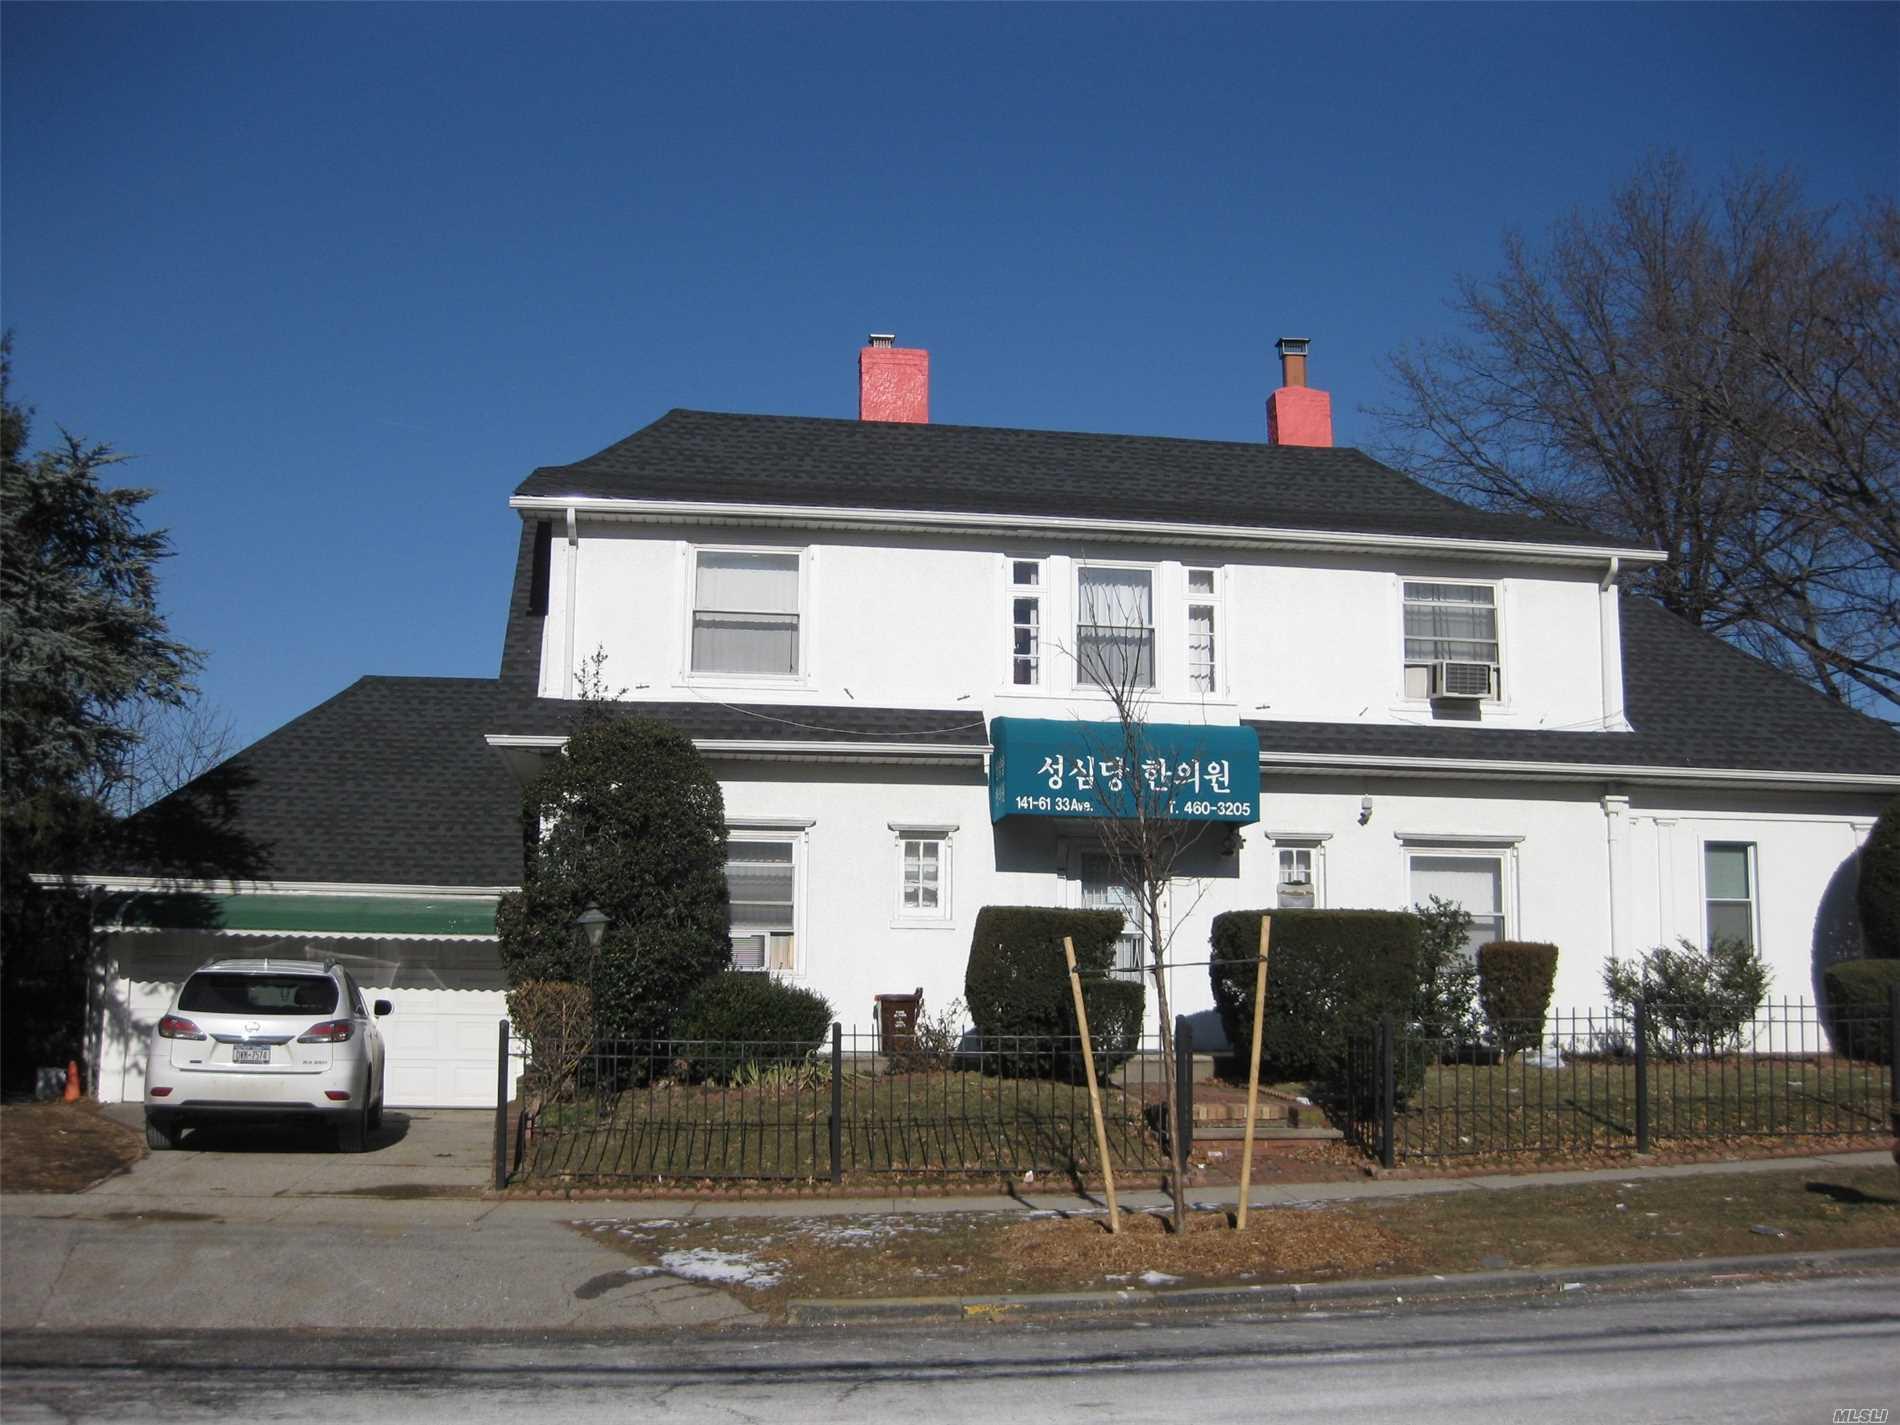 141-61 33 Ave, Flushing, New York